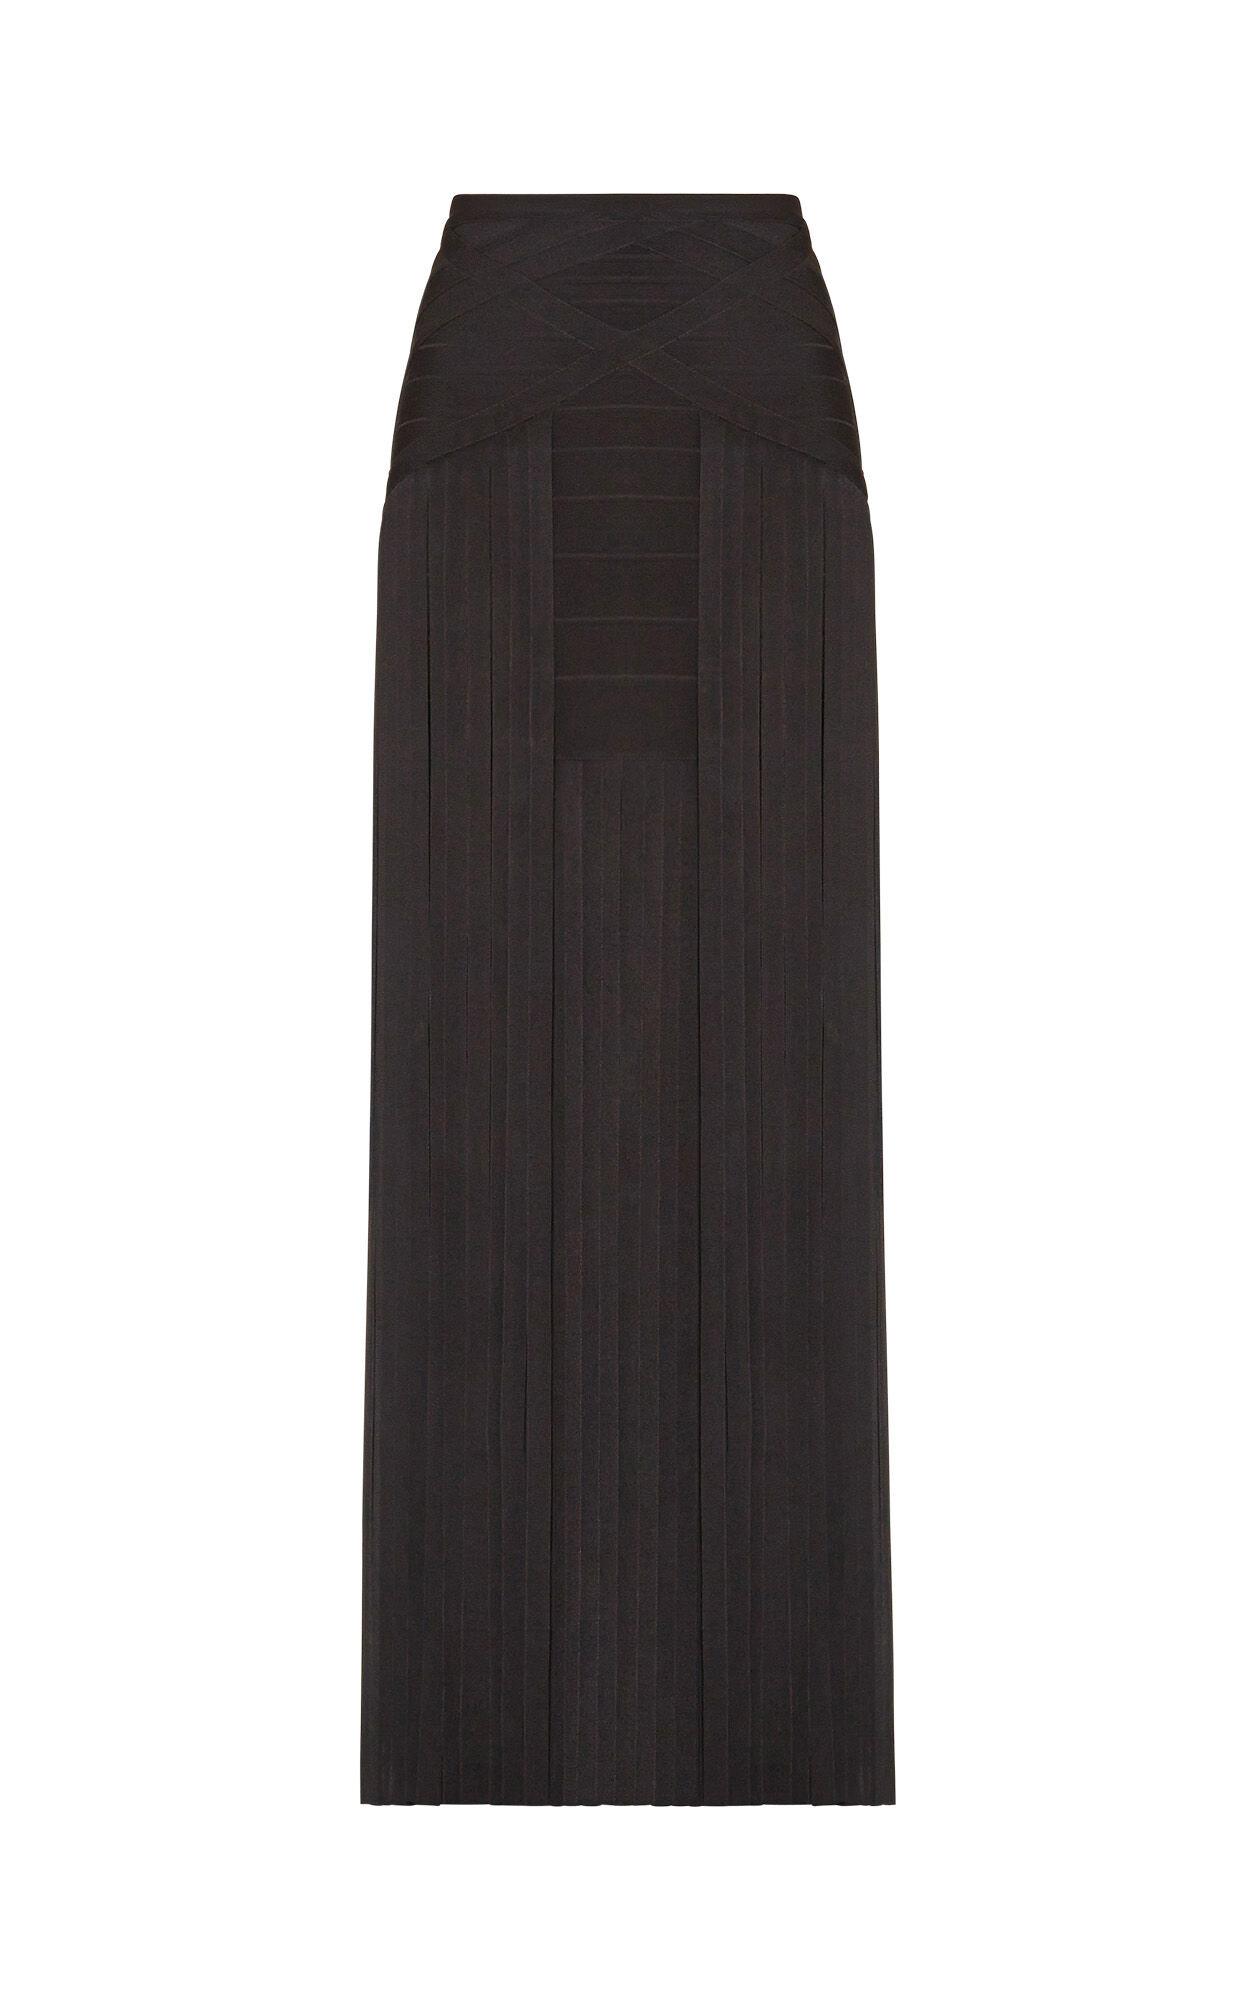 Margarida Draped Bandage Skirt